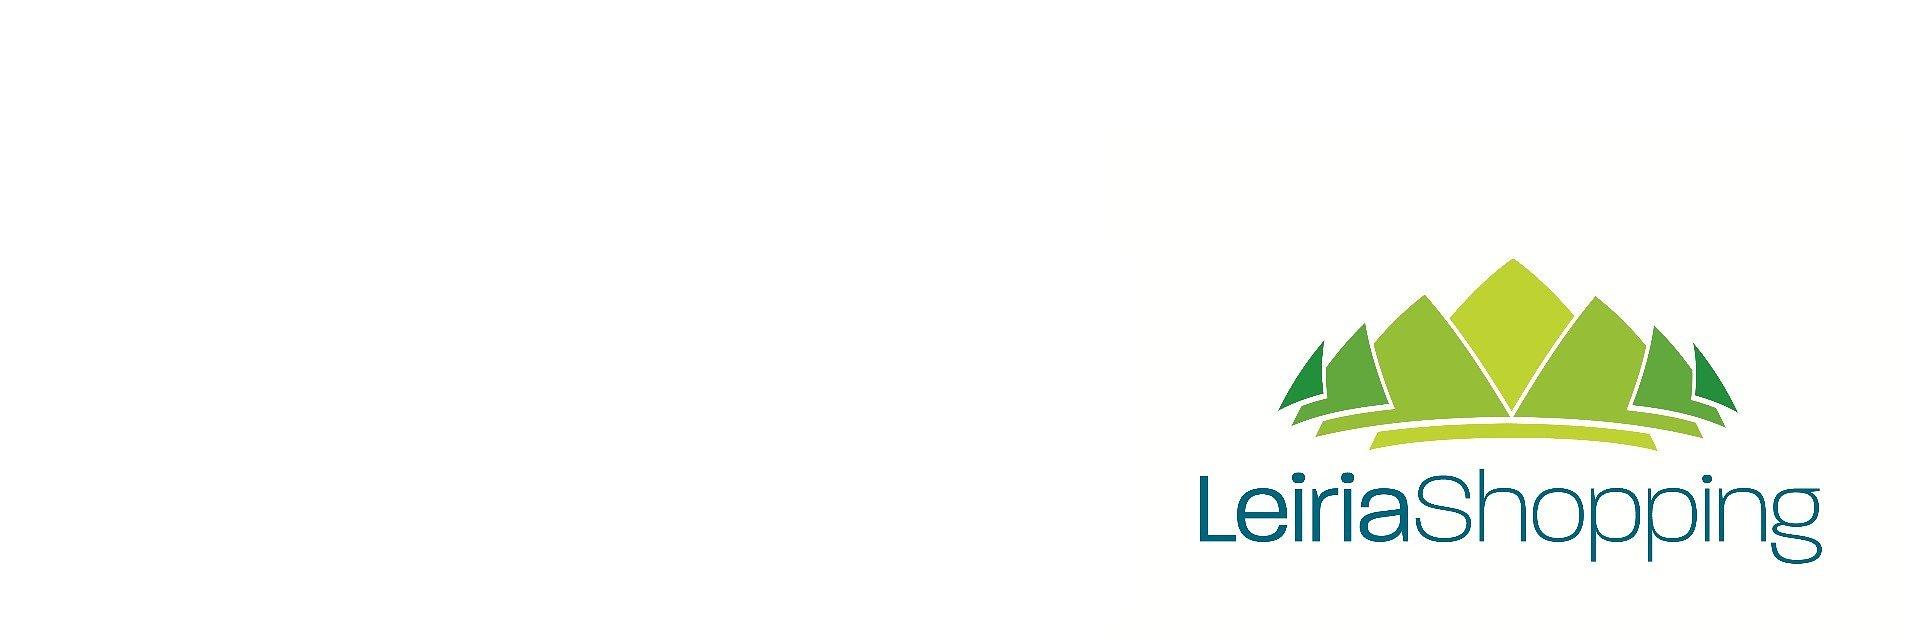 LeiriaShopping assegura cumprimento dos mais elevados padrões de higiene com certificação SGS